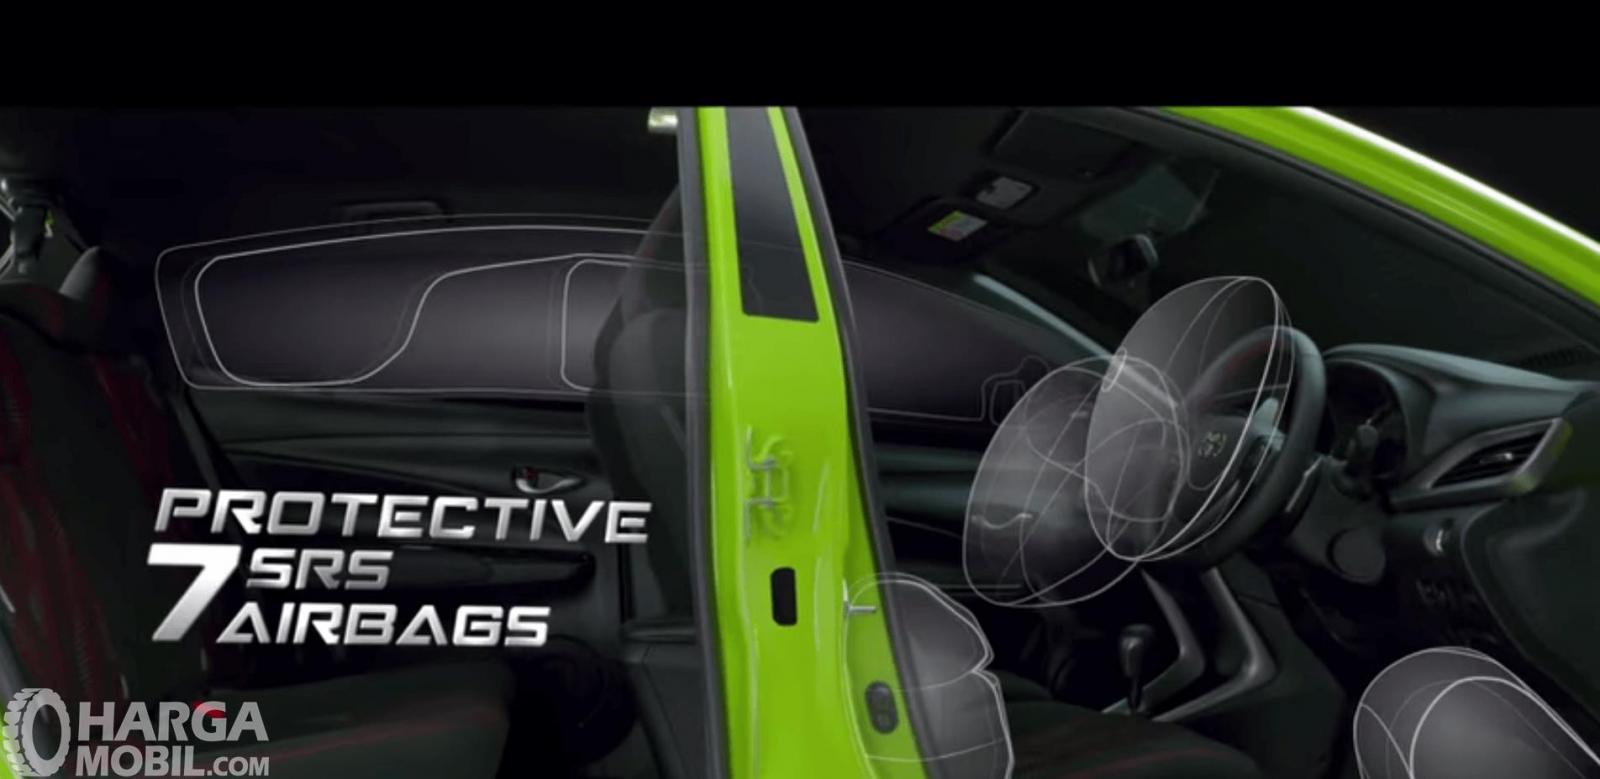 Gambar ini menunjukkan ilustrasi airbags pada Toyota Yaris TRD Sportivo 2018